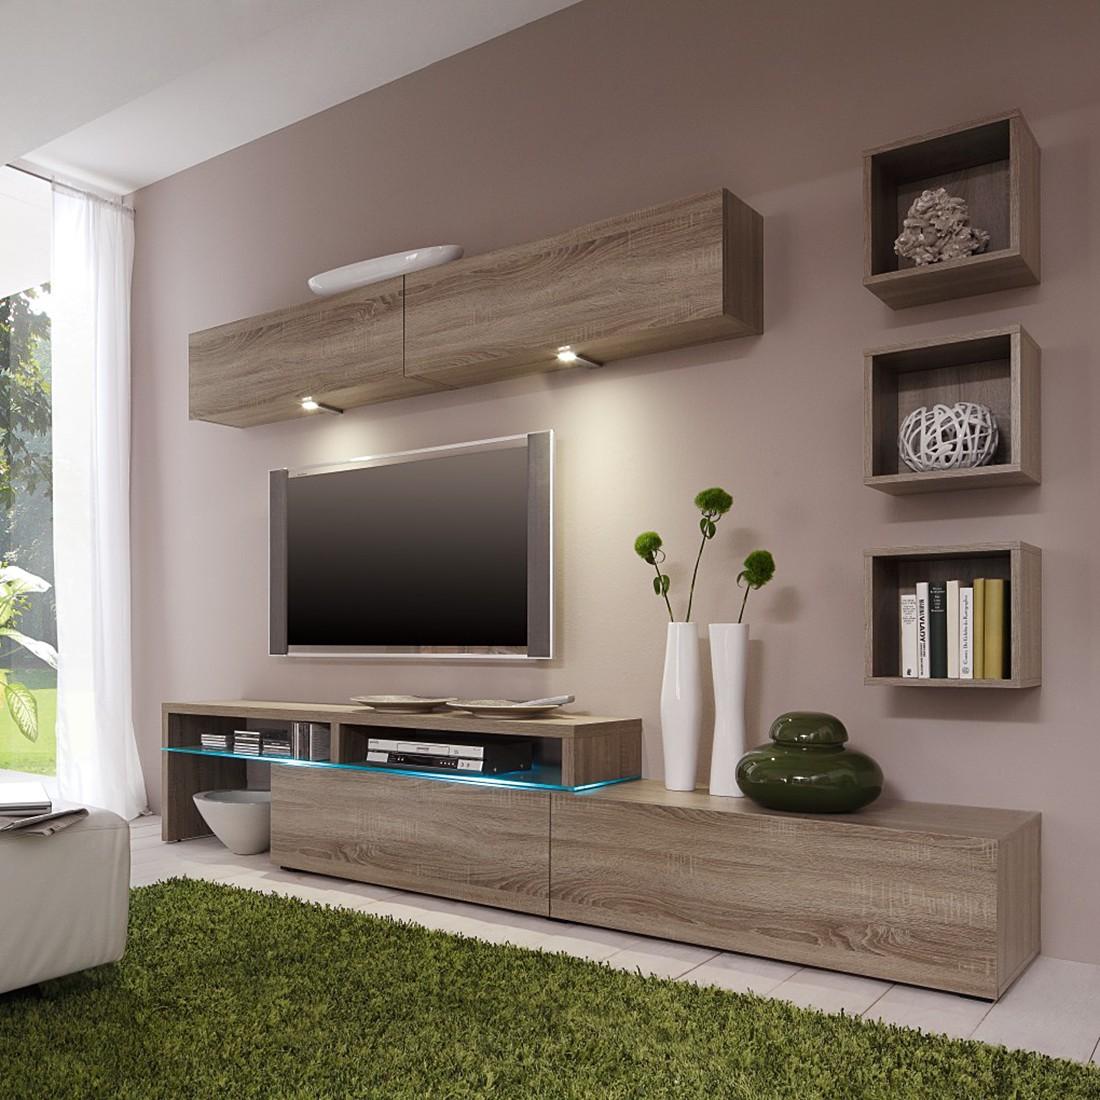 Cs schmal ensemble de meubles tv cleo comparer les prix